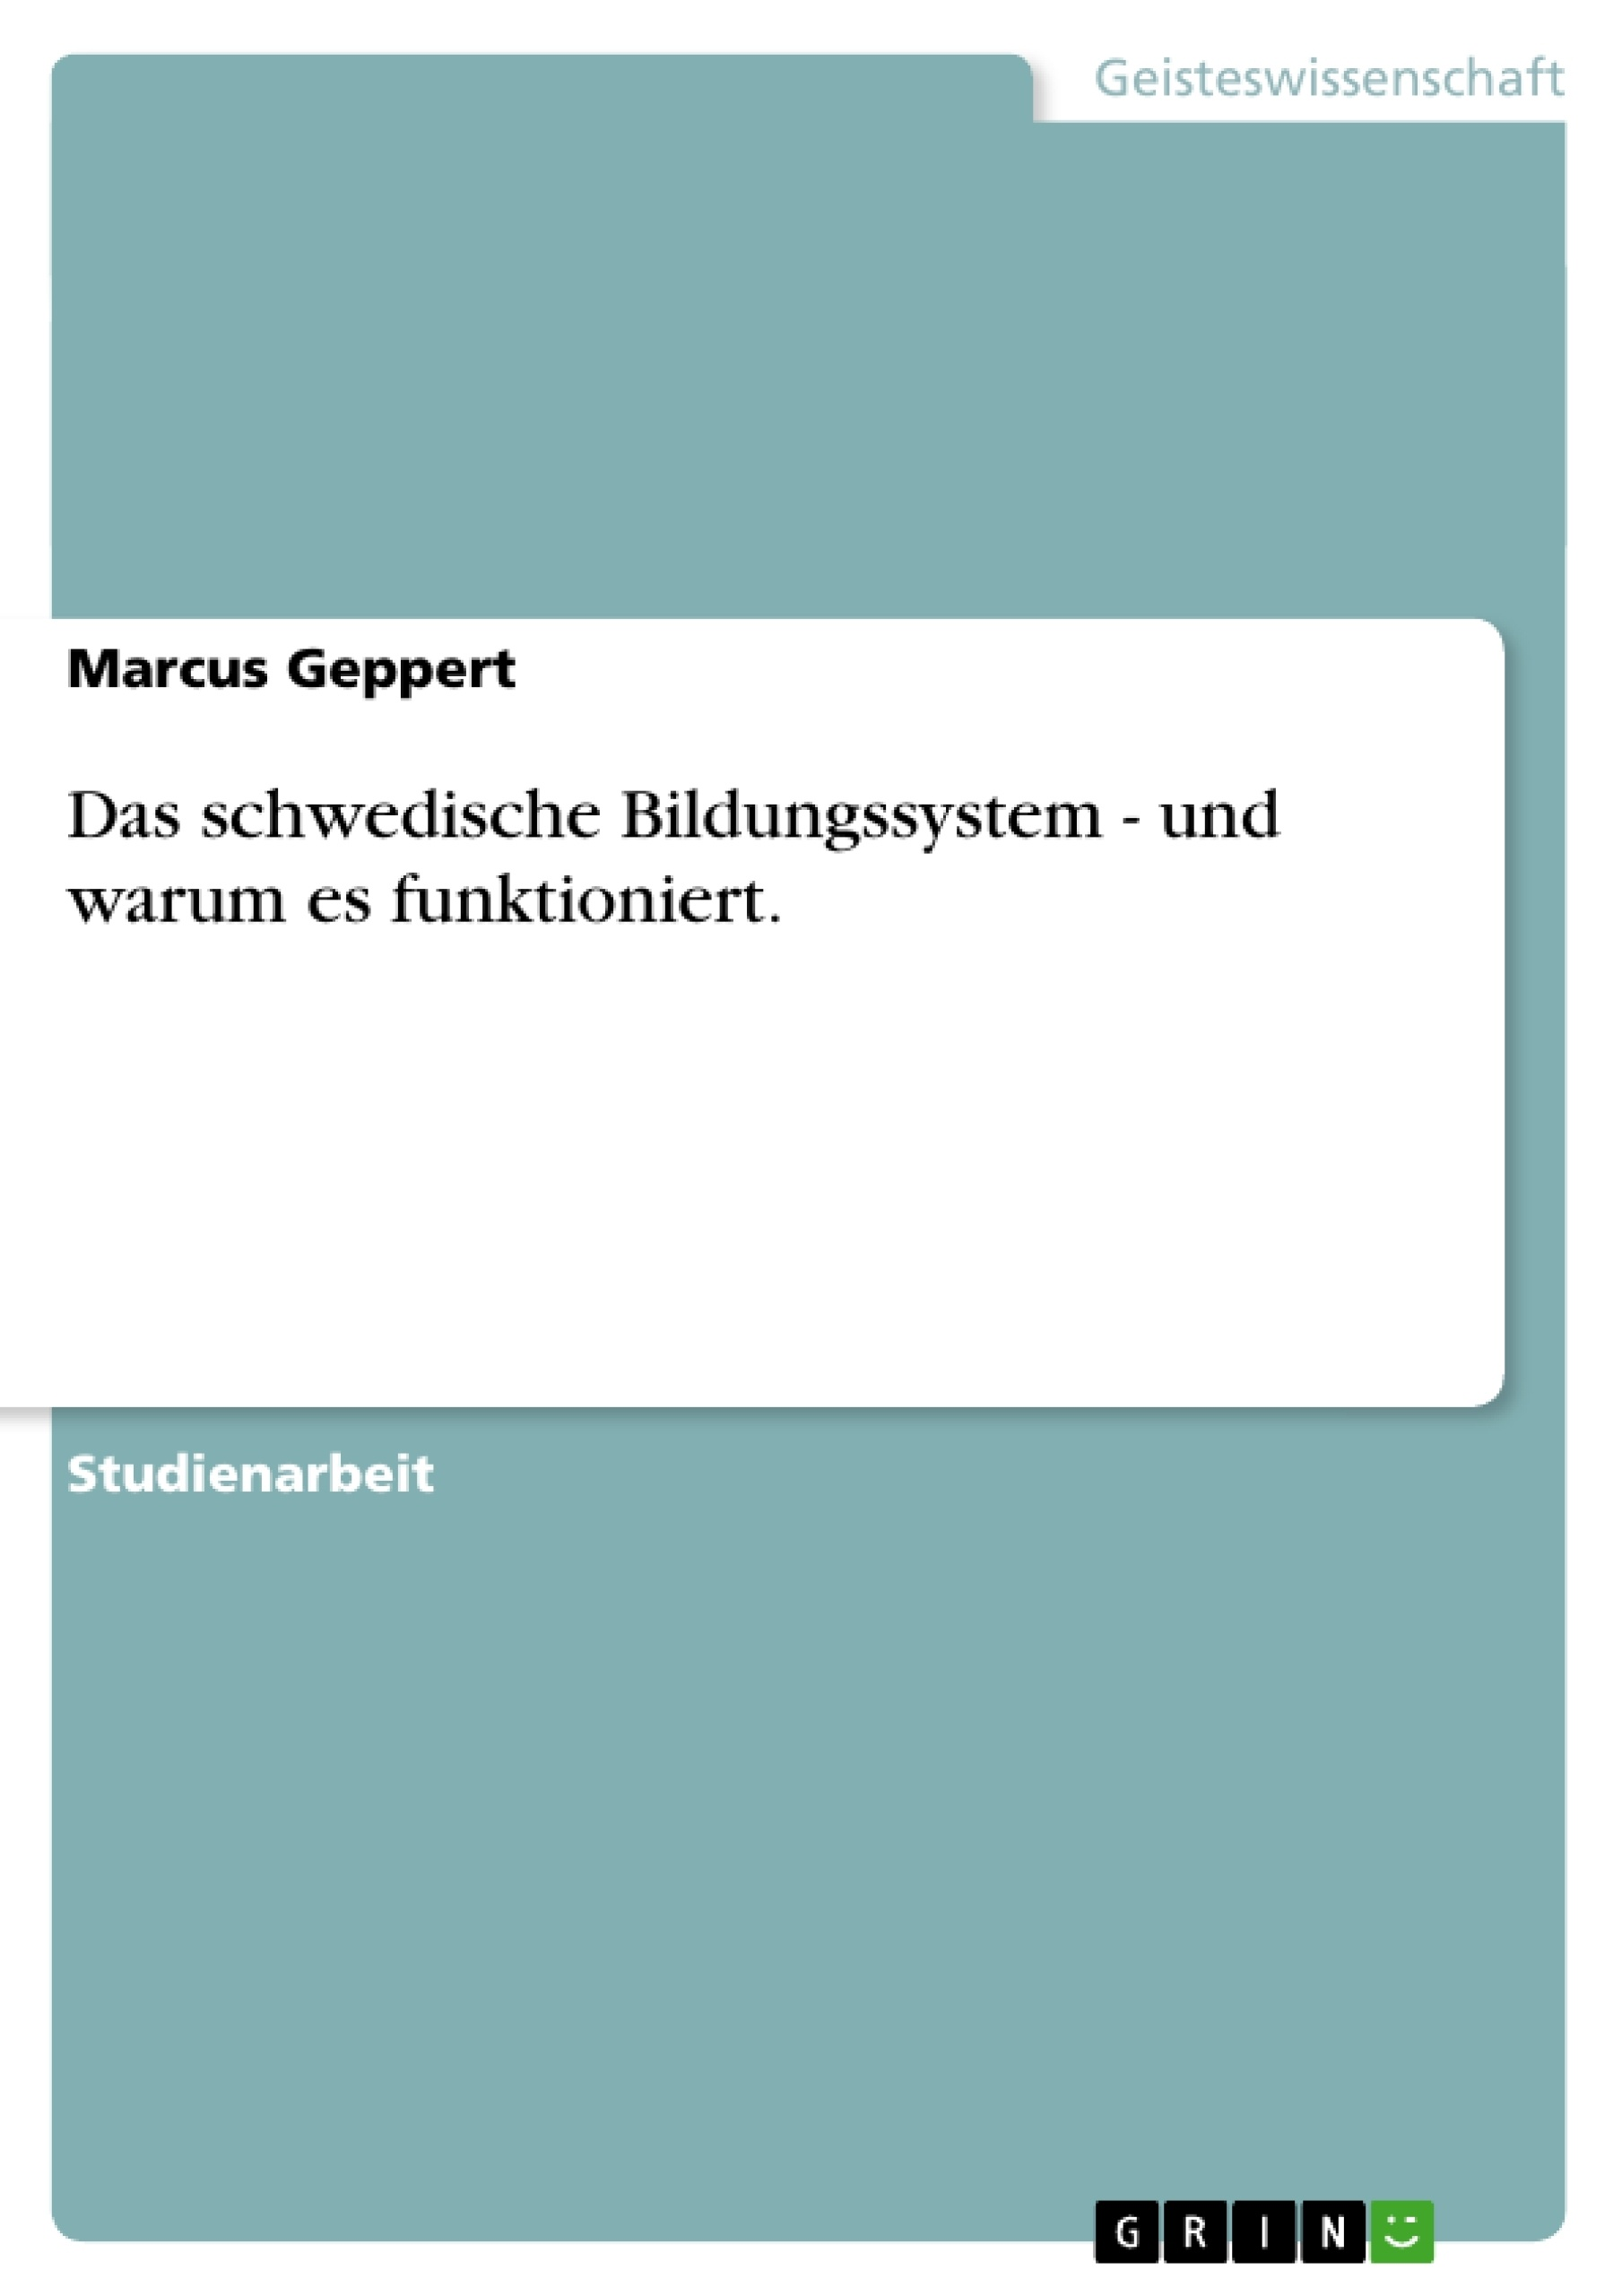 Titel: Das schwedische Bildungssystem - und warum es funktioniert.